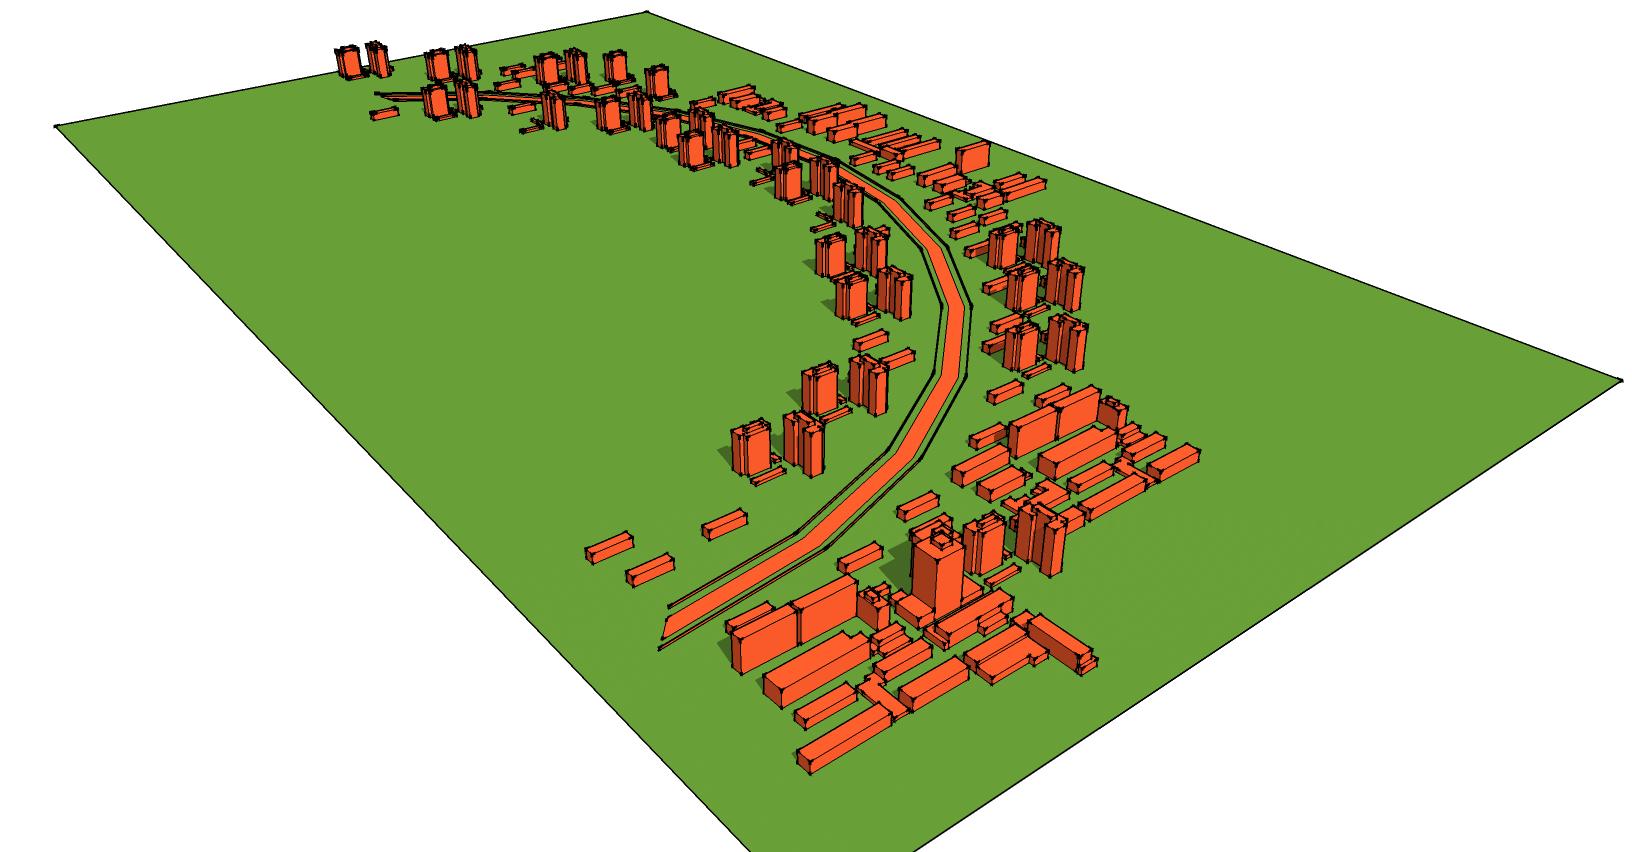 Urban curved railway